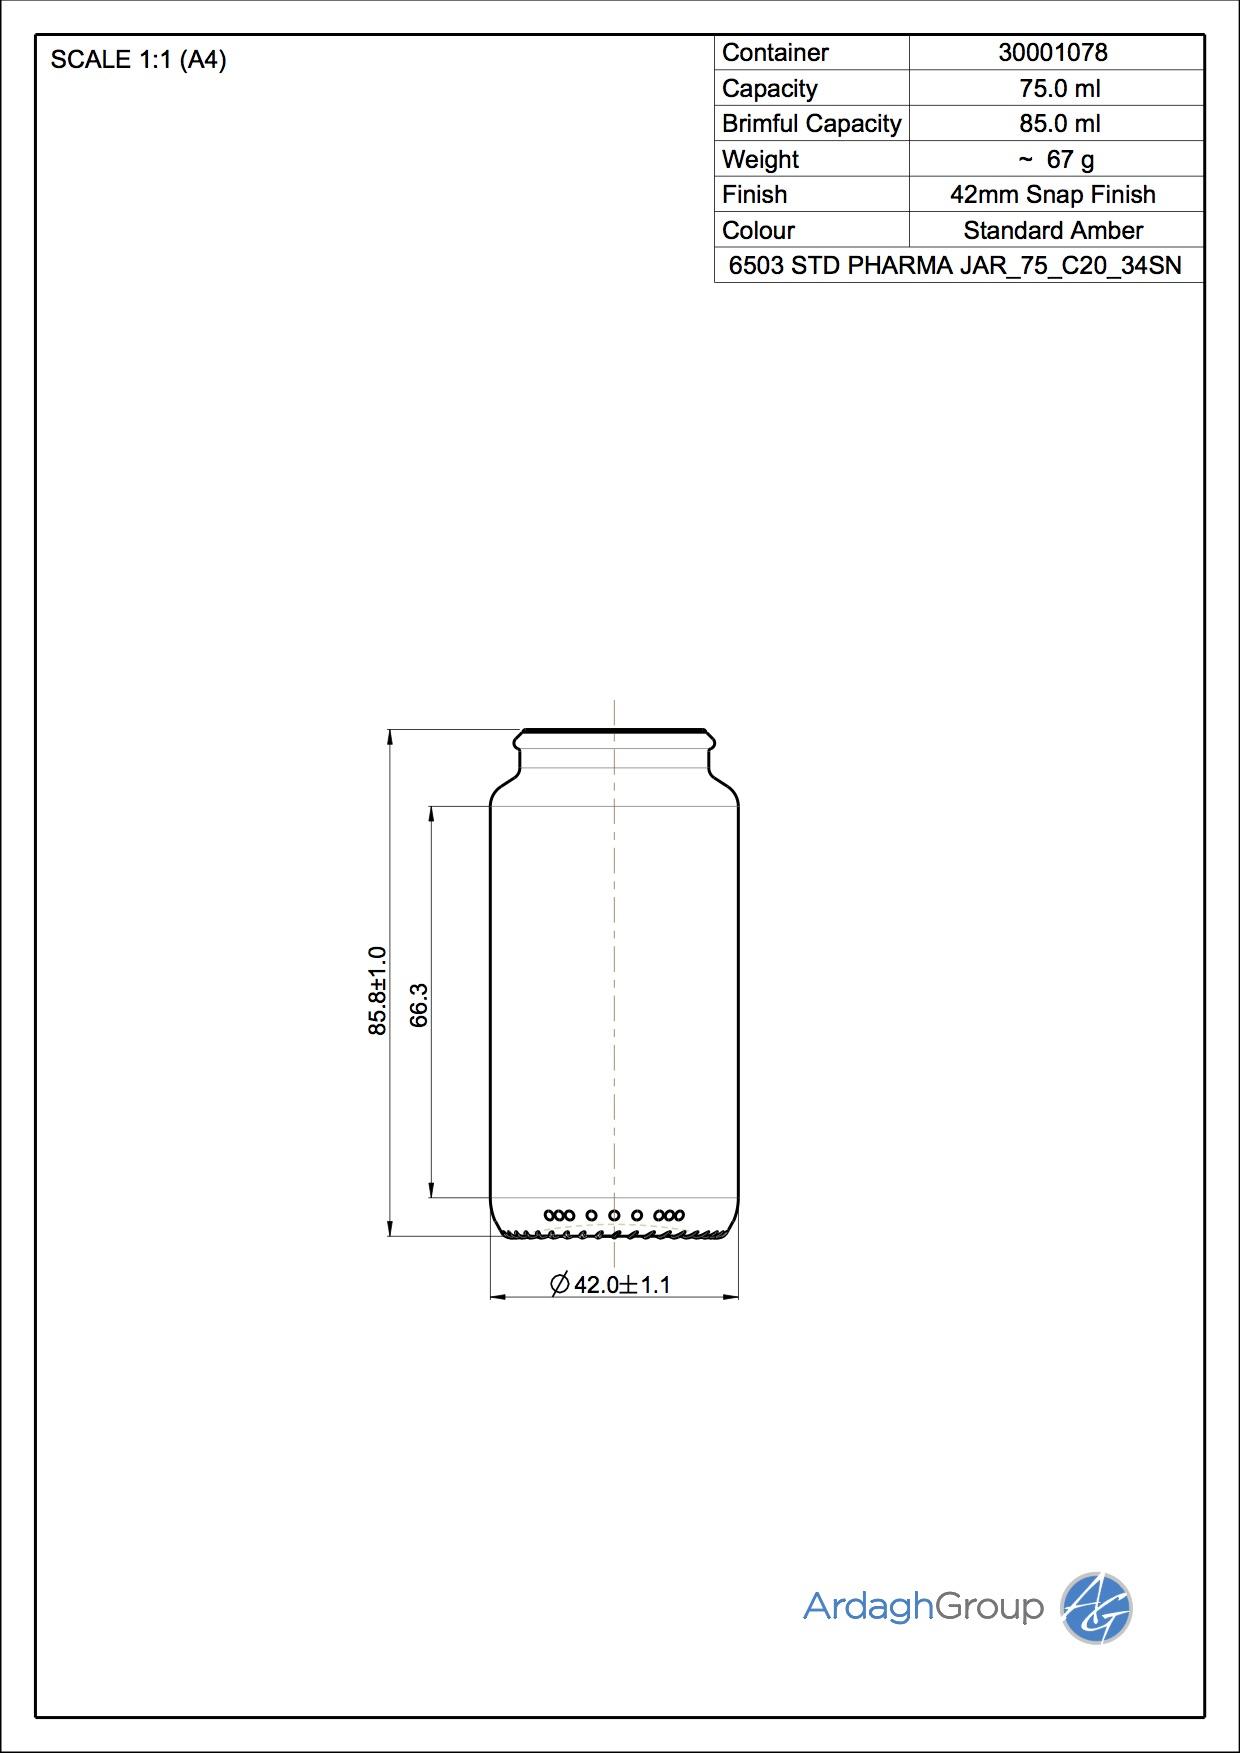 STD PHARMA JAR 75 C20 34SN